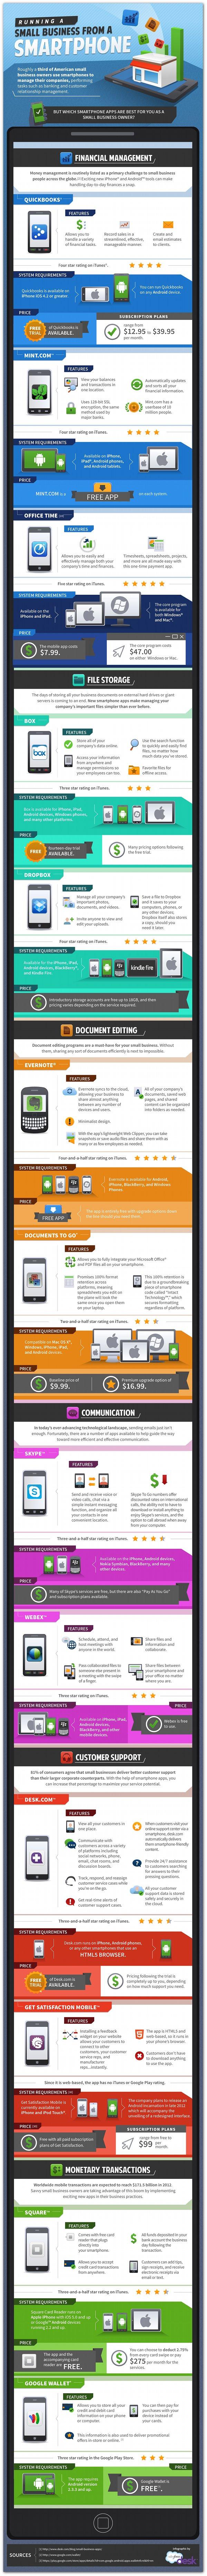 Infografía: 13 apps para gestionar el negocio desde tu smartphone